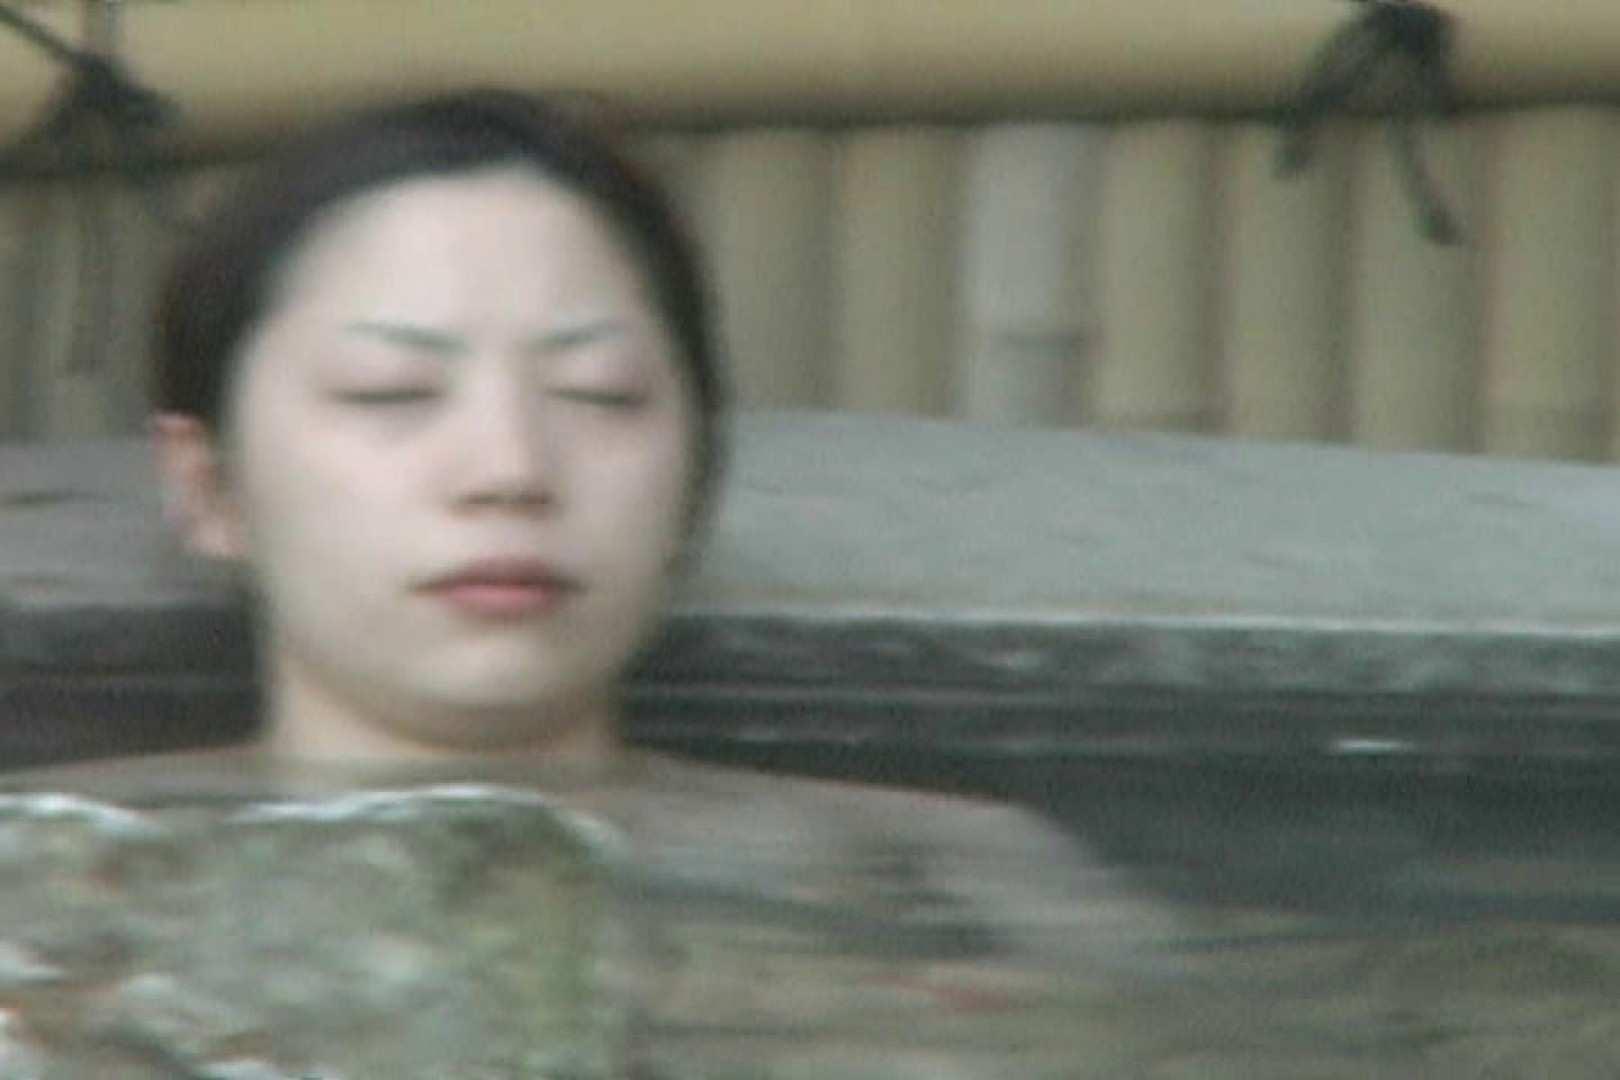 Aquaな露天風呂Vol.596 盗撮シリーズ  113PIX 54